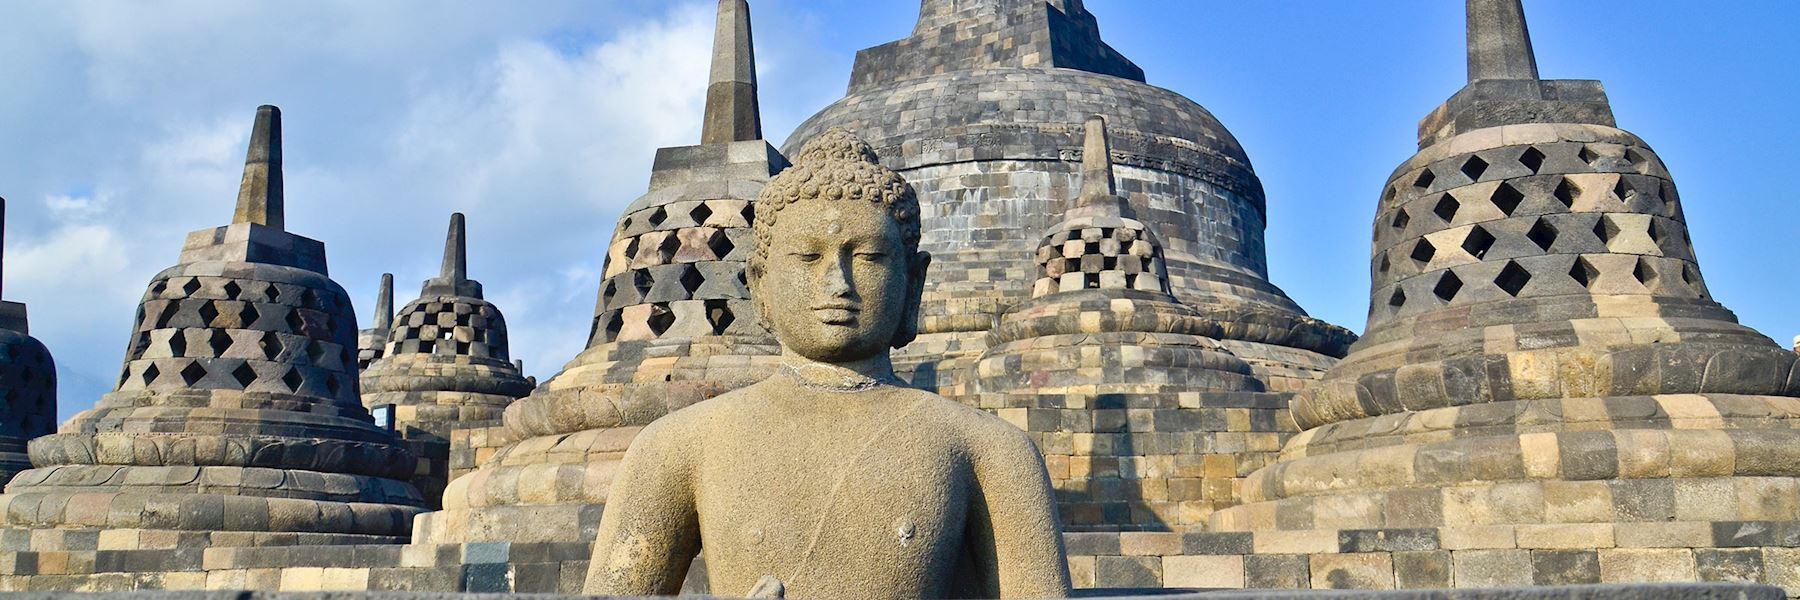 Visit Borobudur, Indonesia